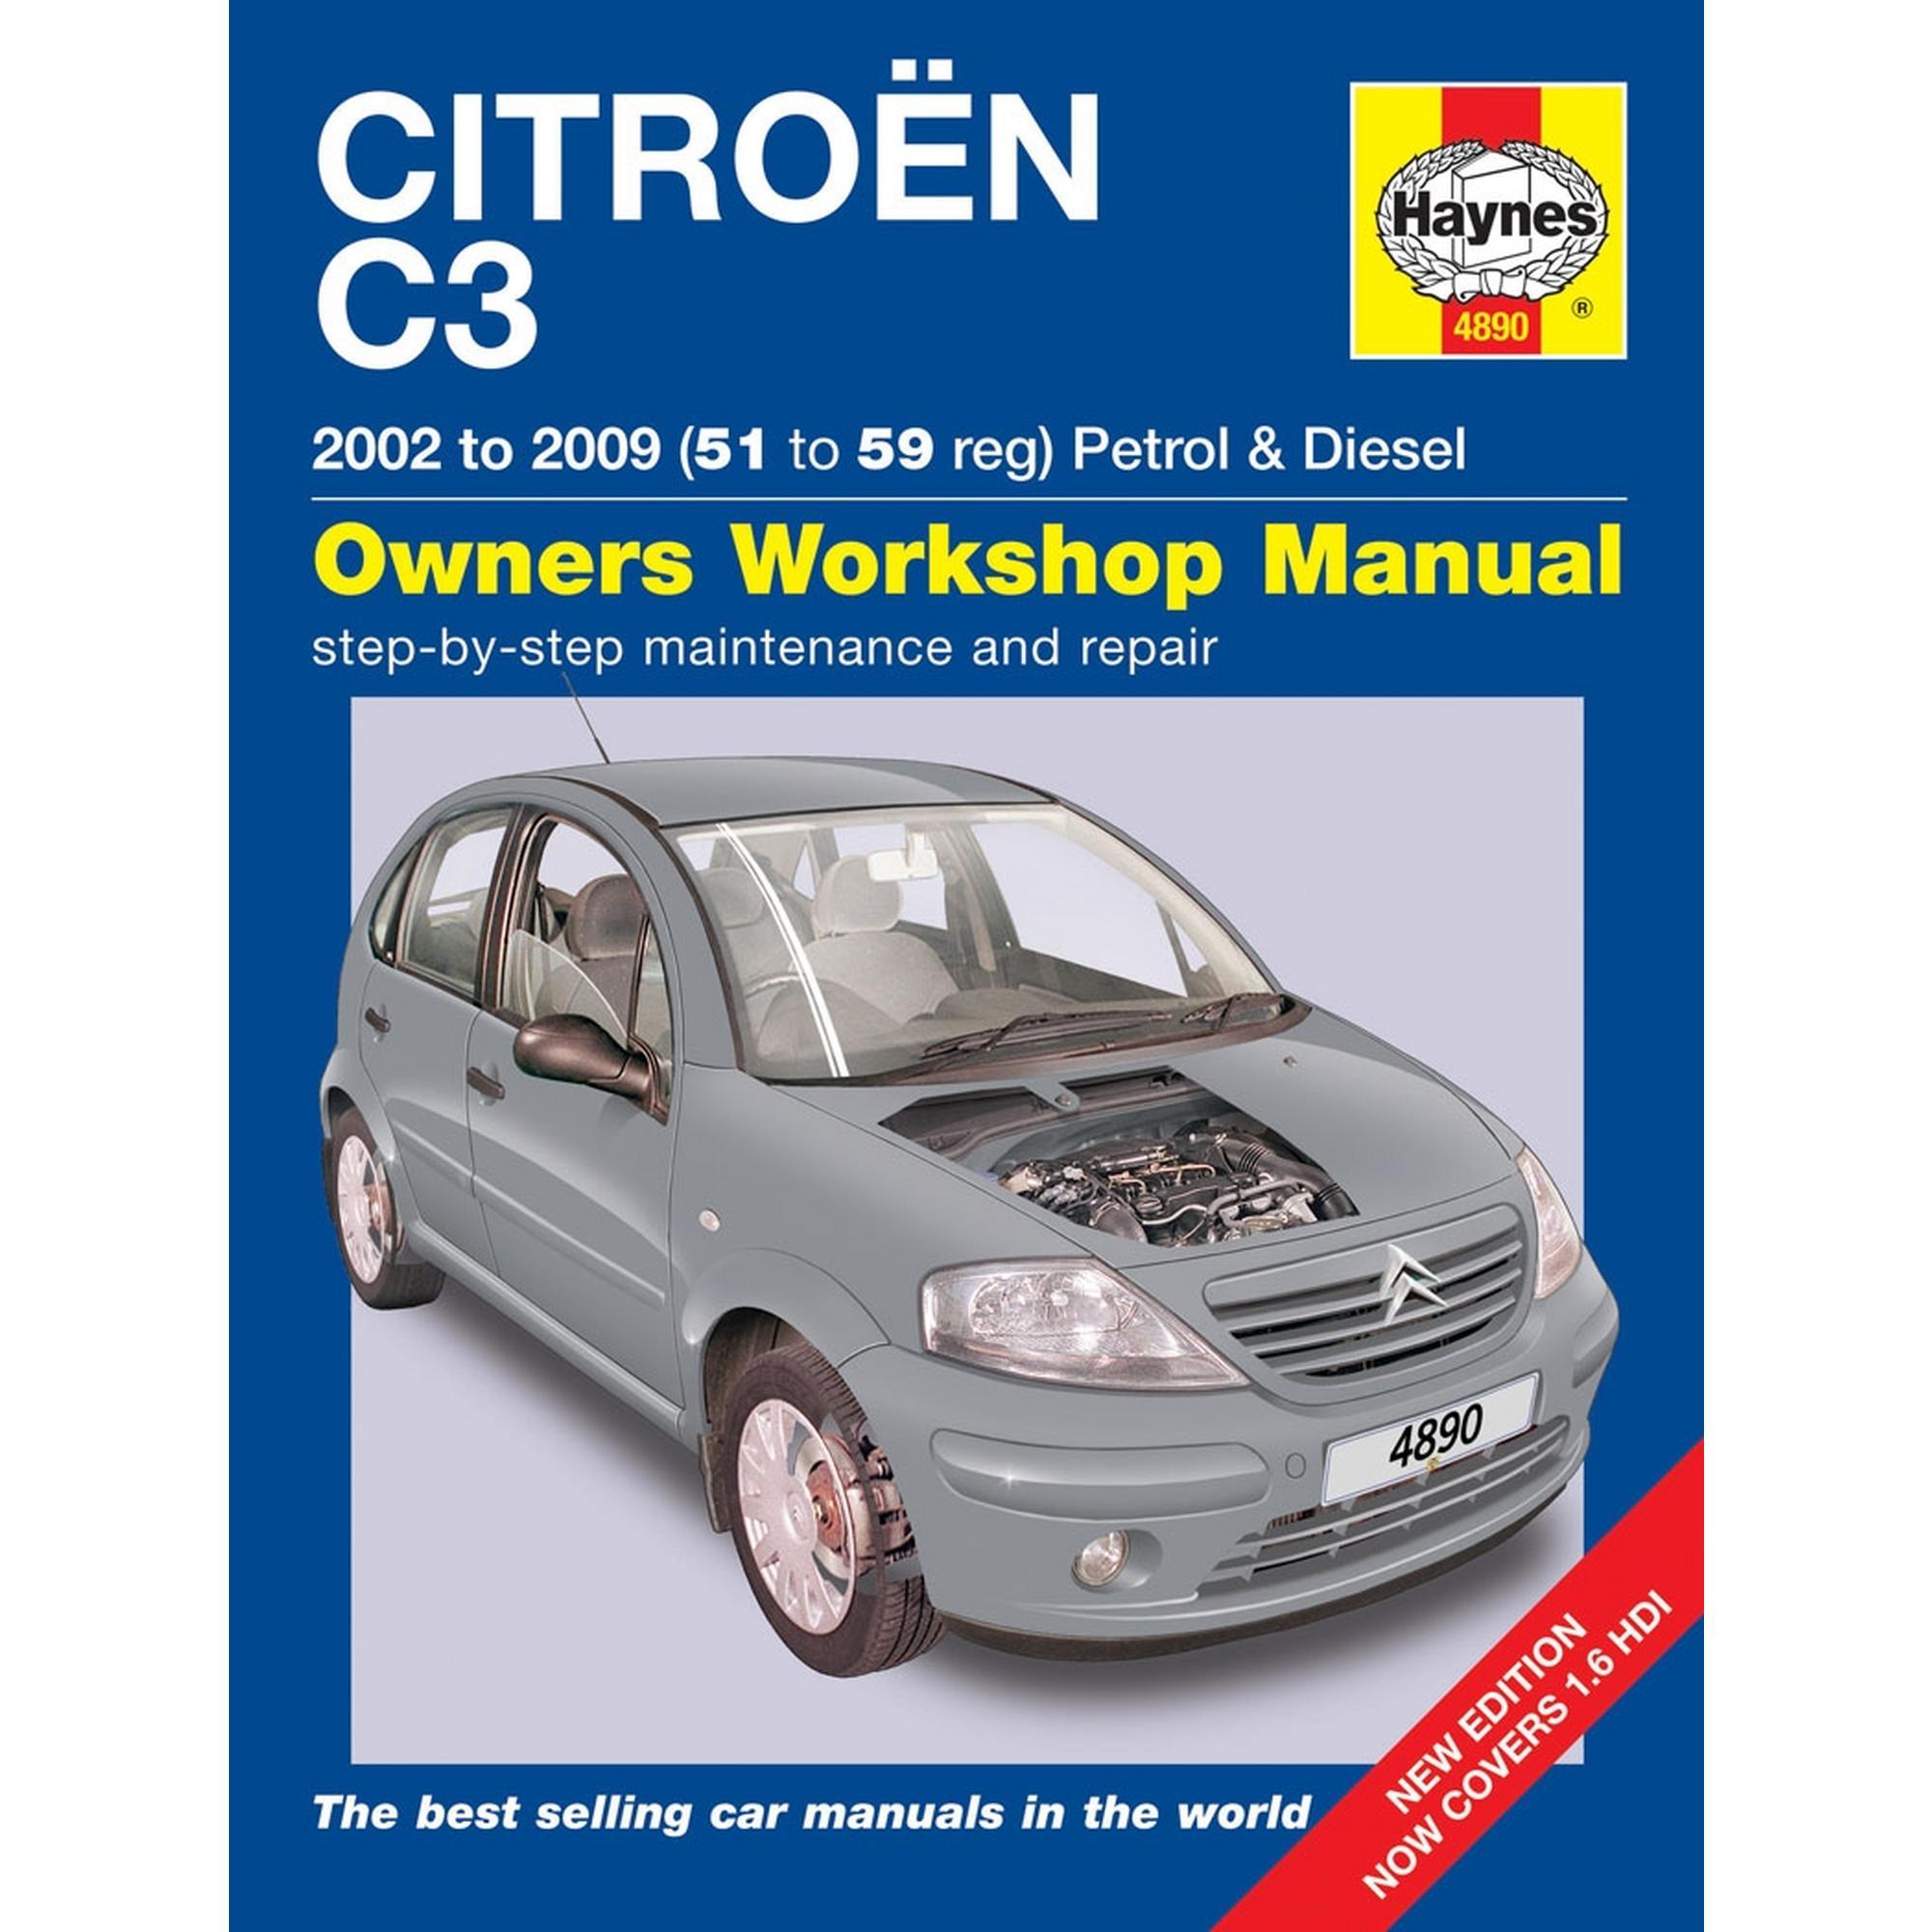 haynes owners workshop manual citroen c3 2002 2009 petrol diesel rh ebay co uk